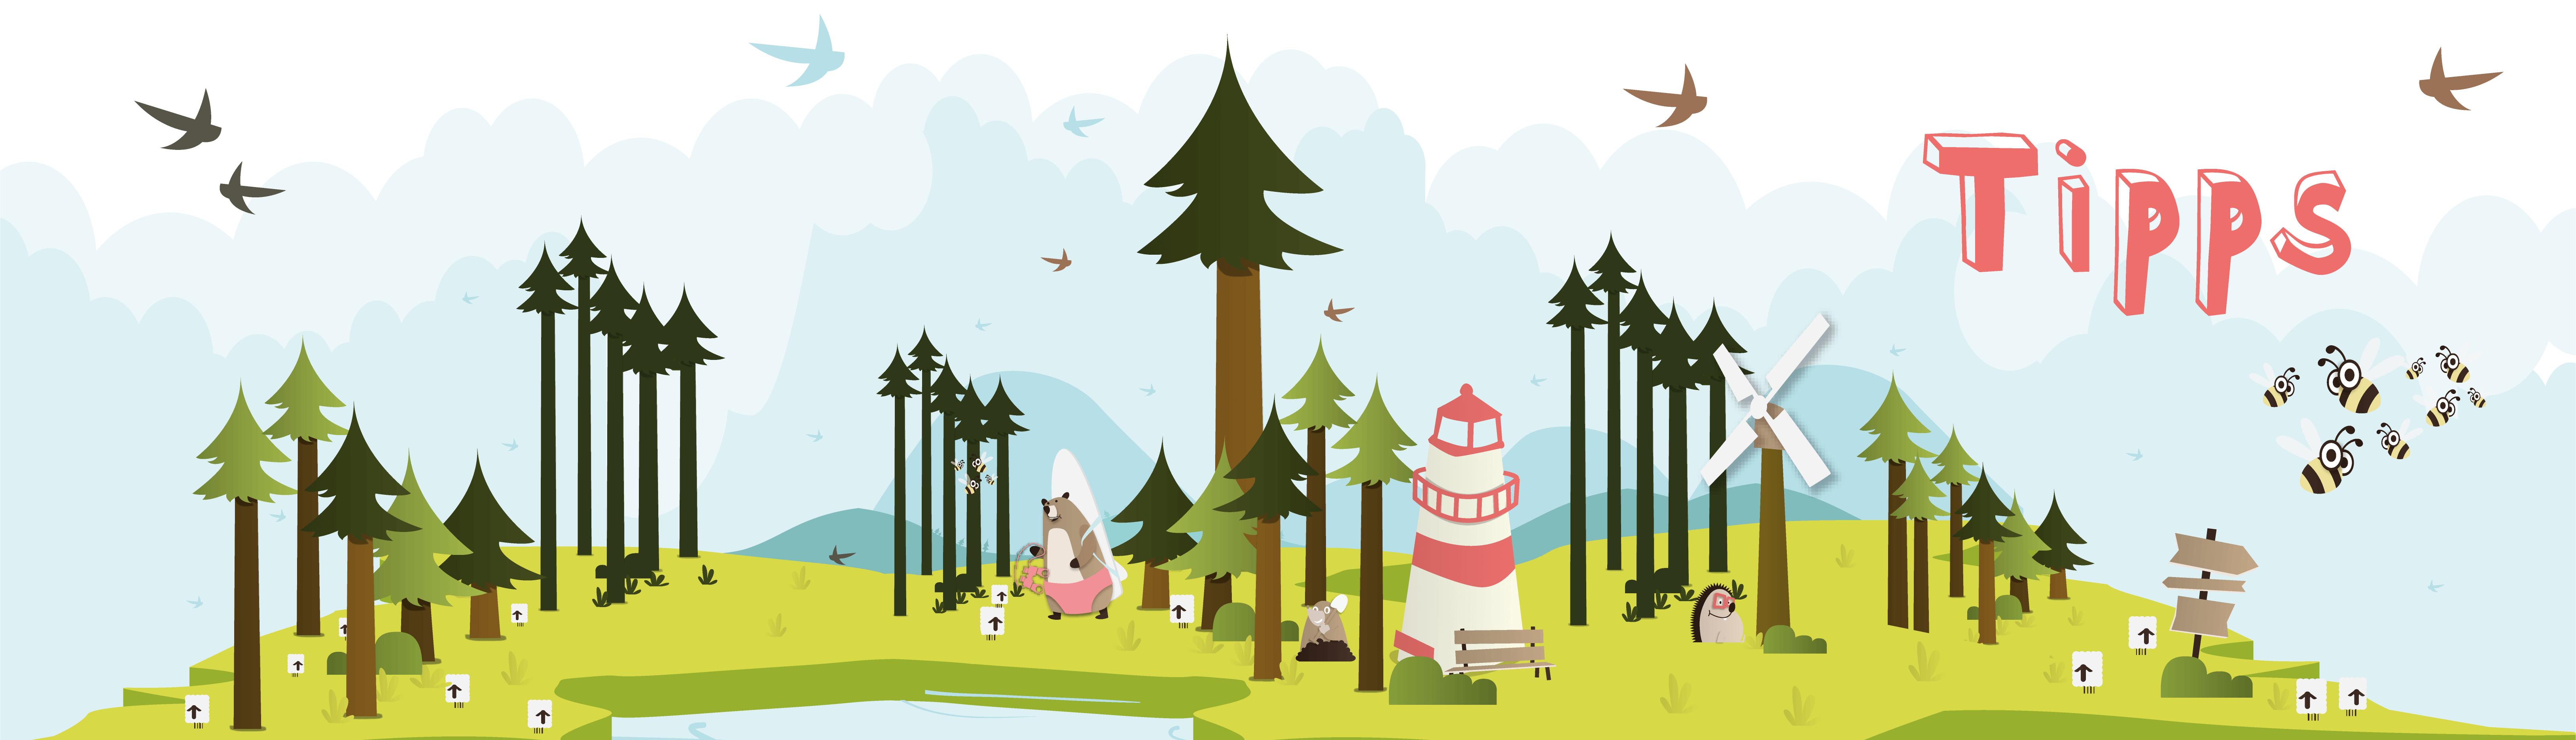 Leuchtturm in Waldlandschaft